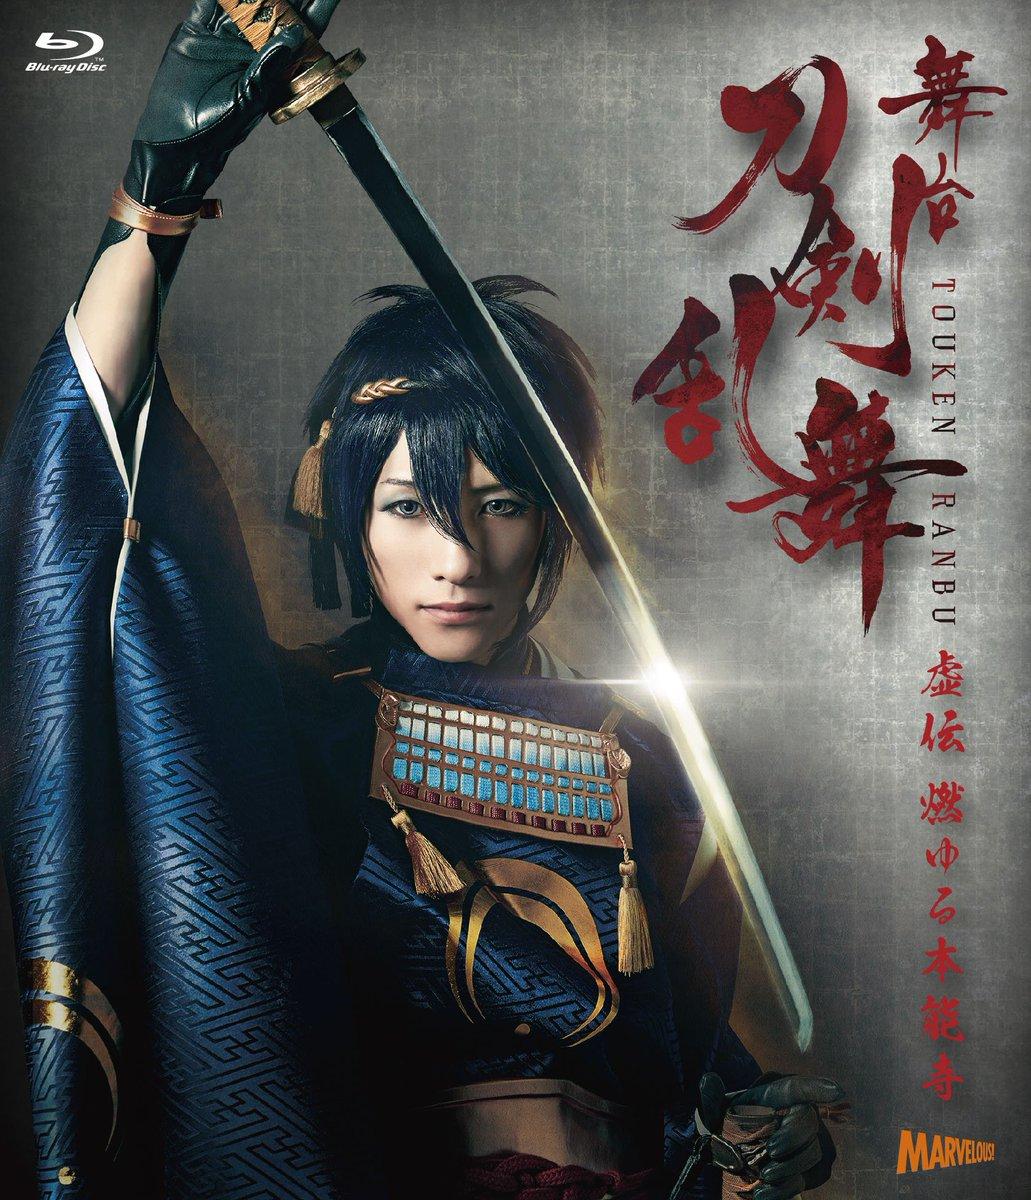 【お知らせ】舞台『刀剣乱舞』虚伝 燃ゆる本能寺Blu-rayが初週2.4万枚を売り上げ、9/19付オリコン週間BDランキ